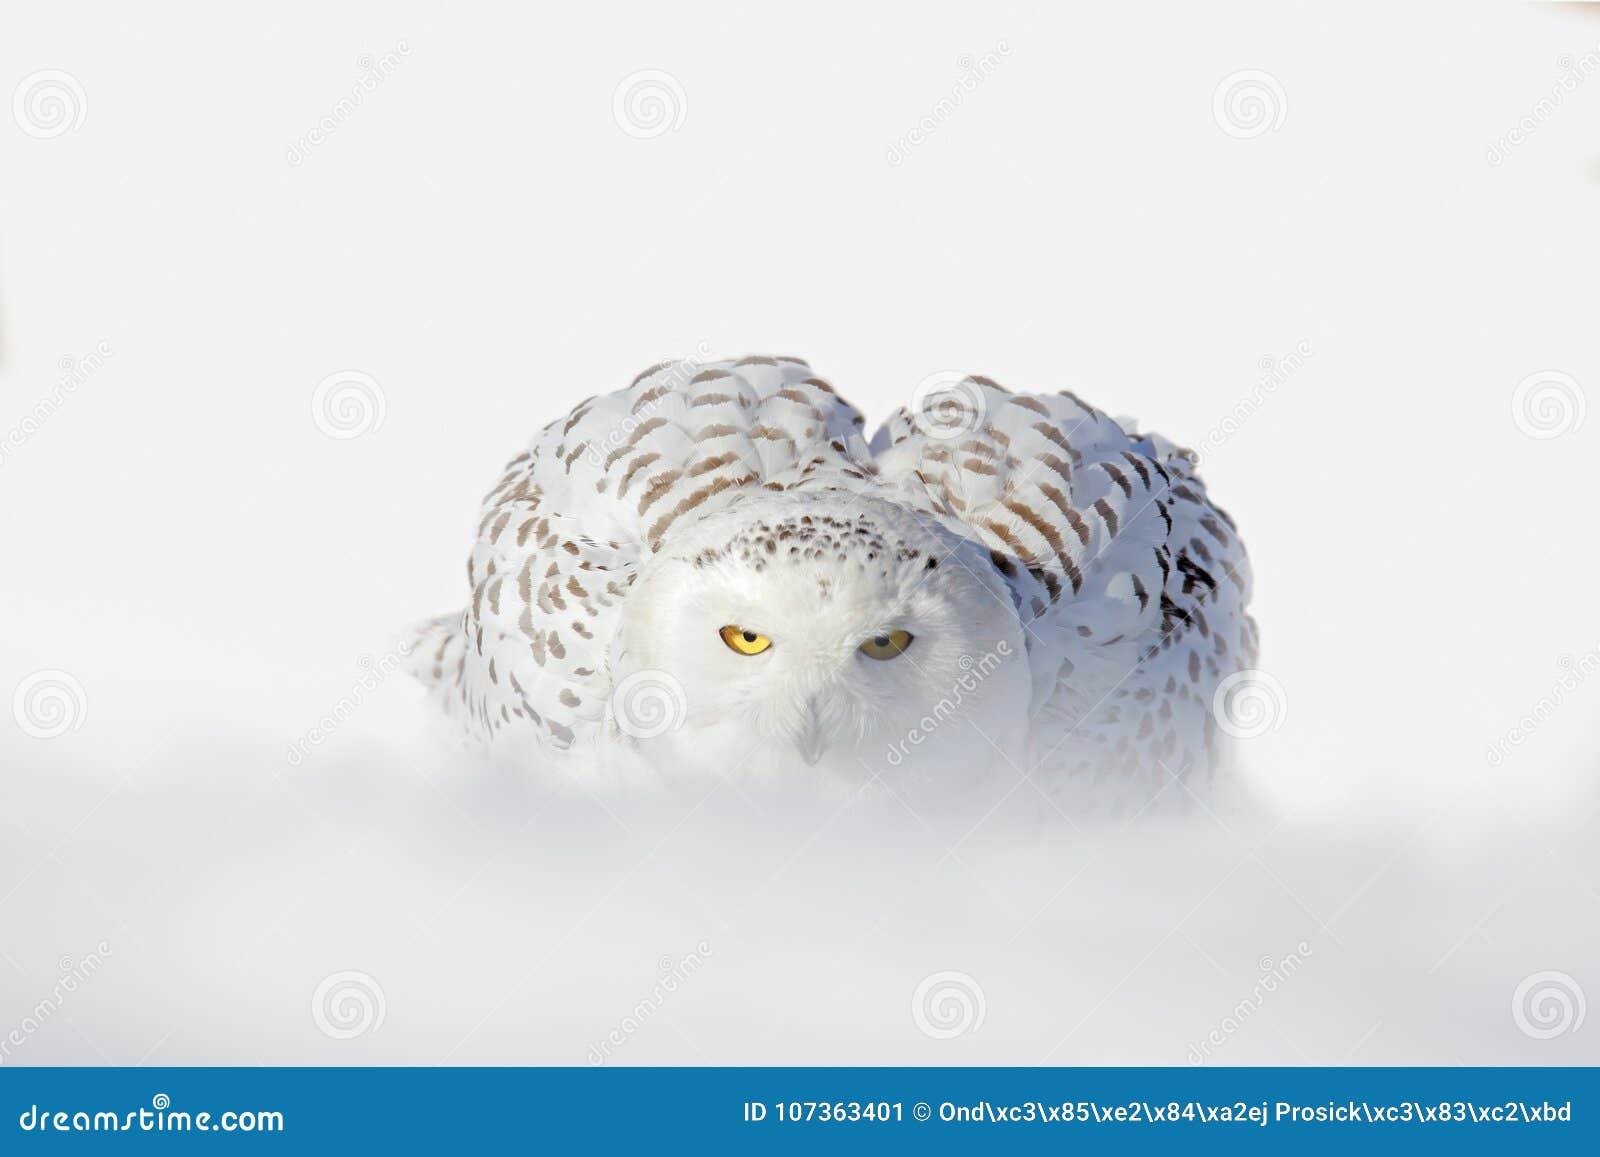 Snöig uggla, Nyctea scandiaca, vit sällsynt fågel med gula ögon som sitter på snön under den kalla vintern, snöig storm med snöfl